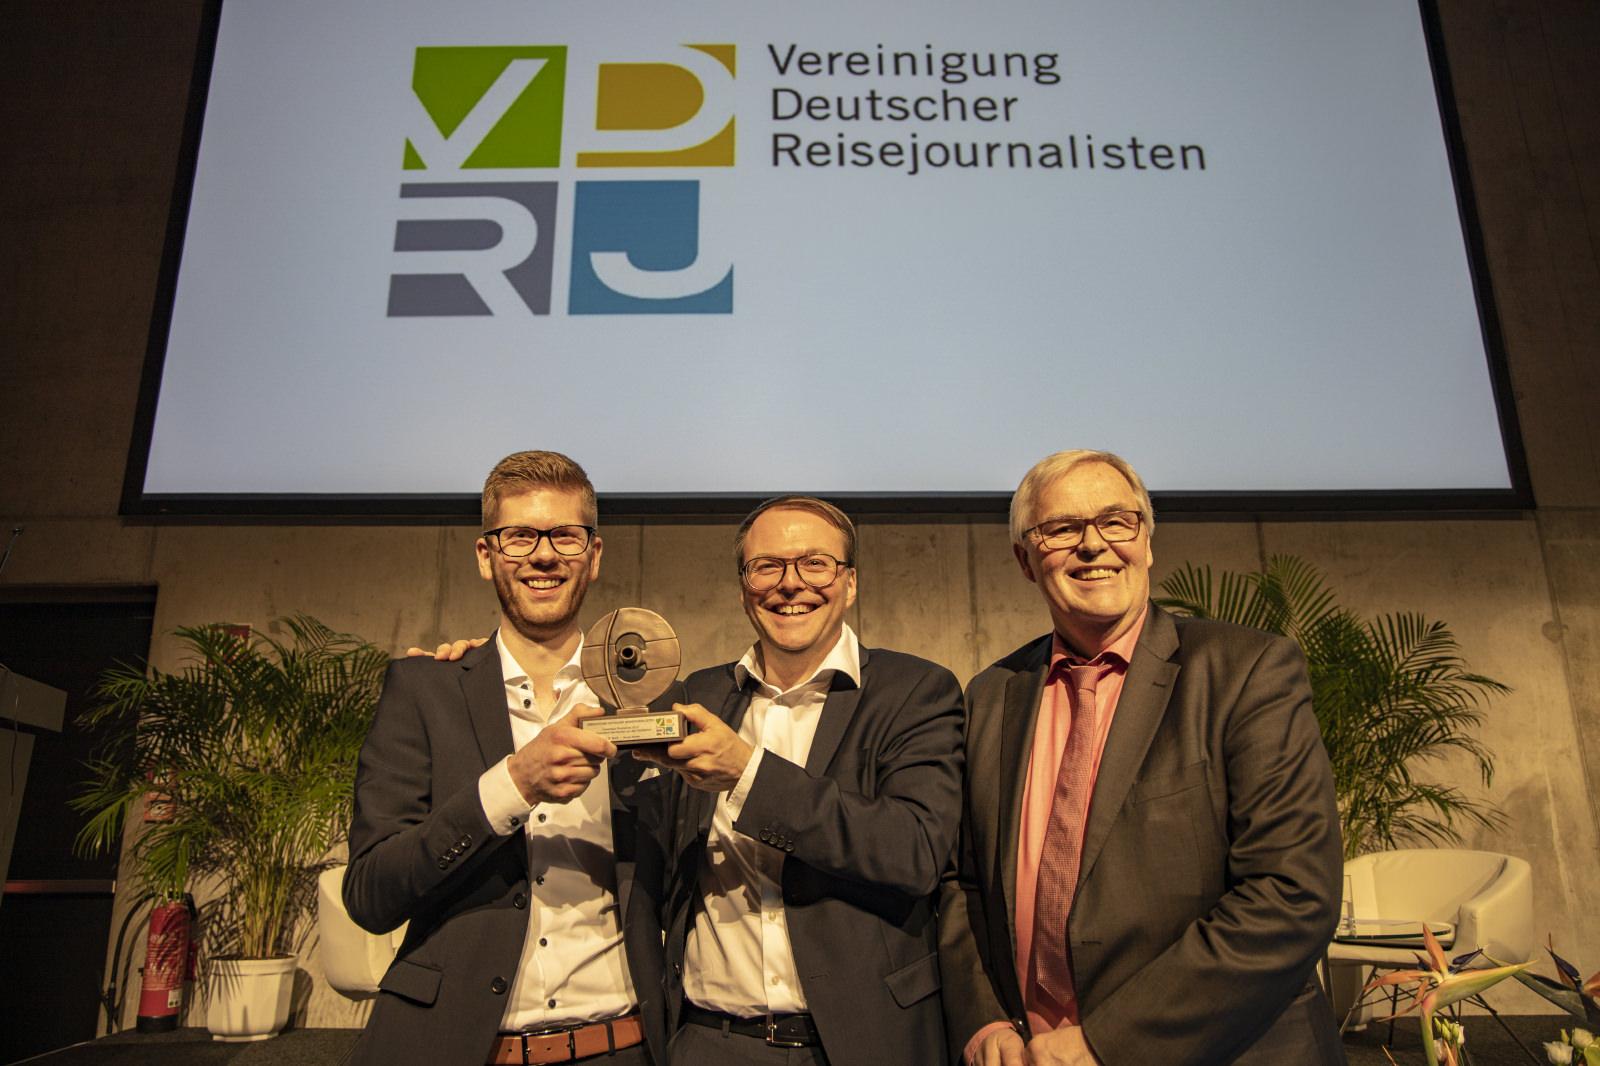 Falk Olias (l.; Geschäftsführer Runa Reisen) freut sich mit Karl B. Bock (m.; Geschäftsführer Runa Reisen) über den Columbus Ehrenpreis 2019, den ihm Rüdiger Edelmann (1. Vorsitzender & Sprecher der VDRJ) überreicht hat; Foto: Holger Leue